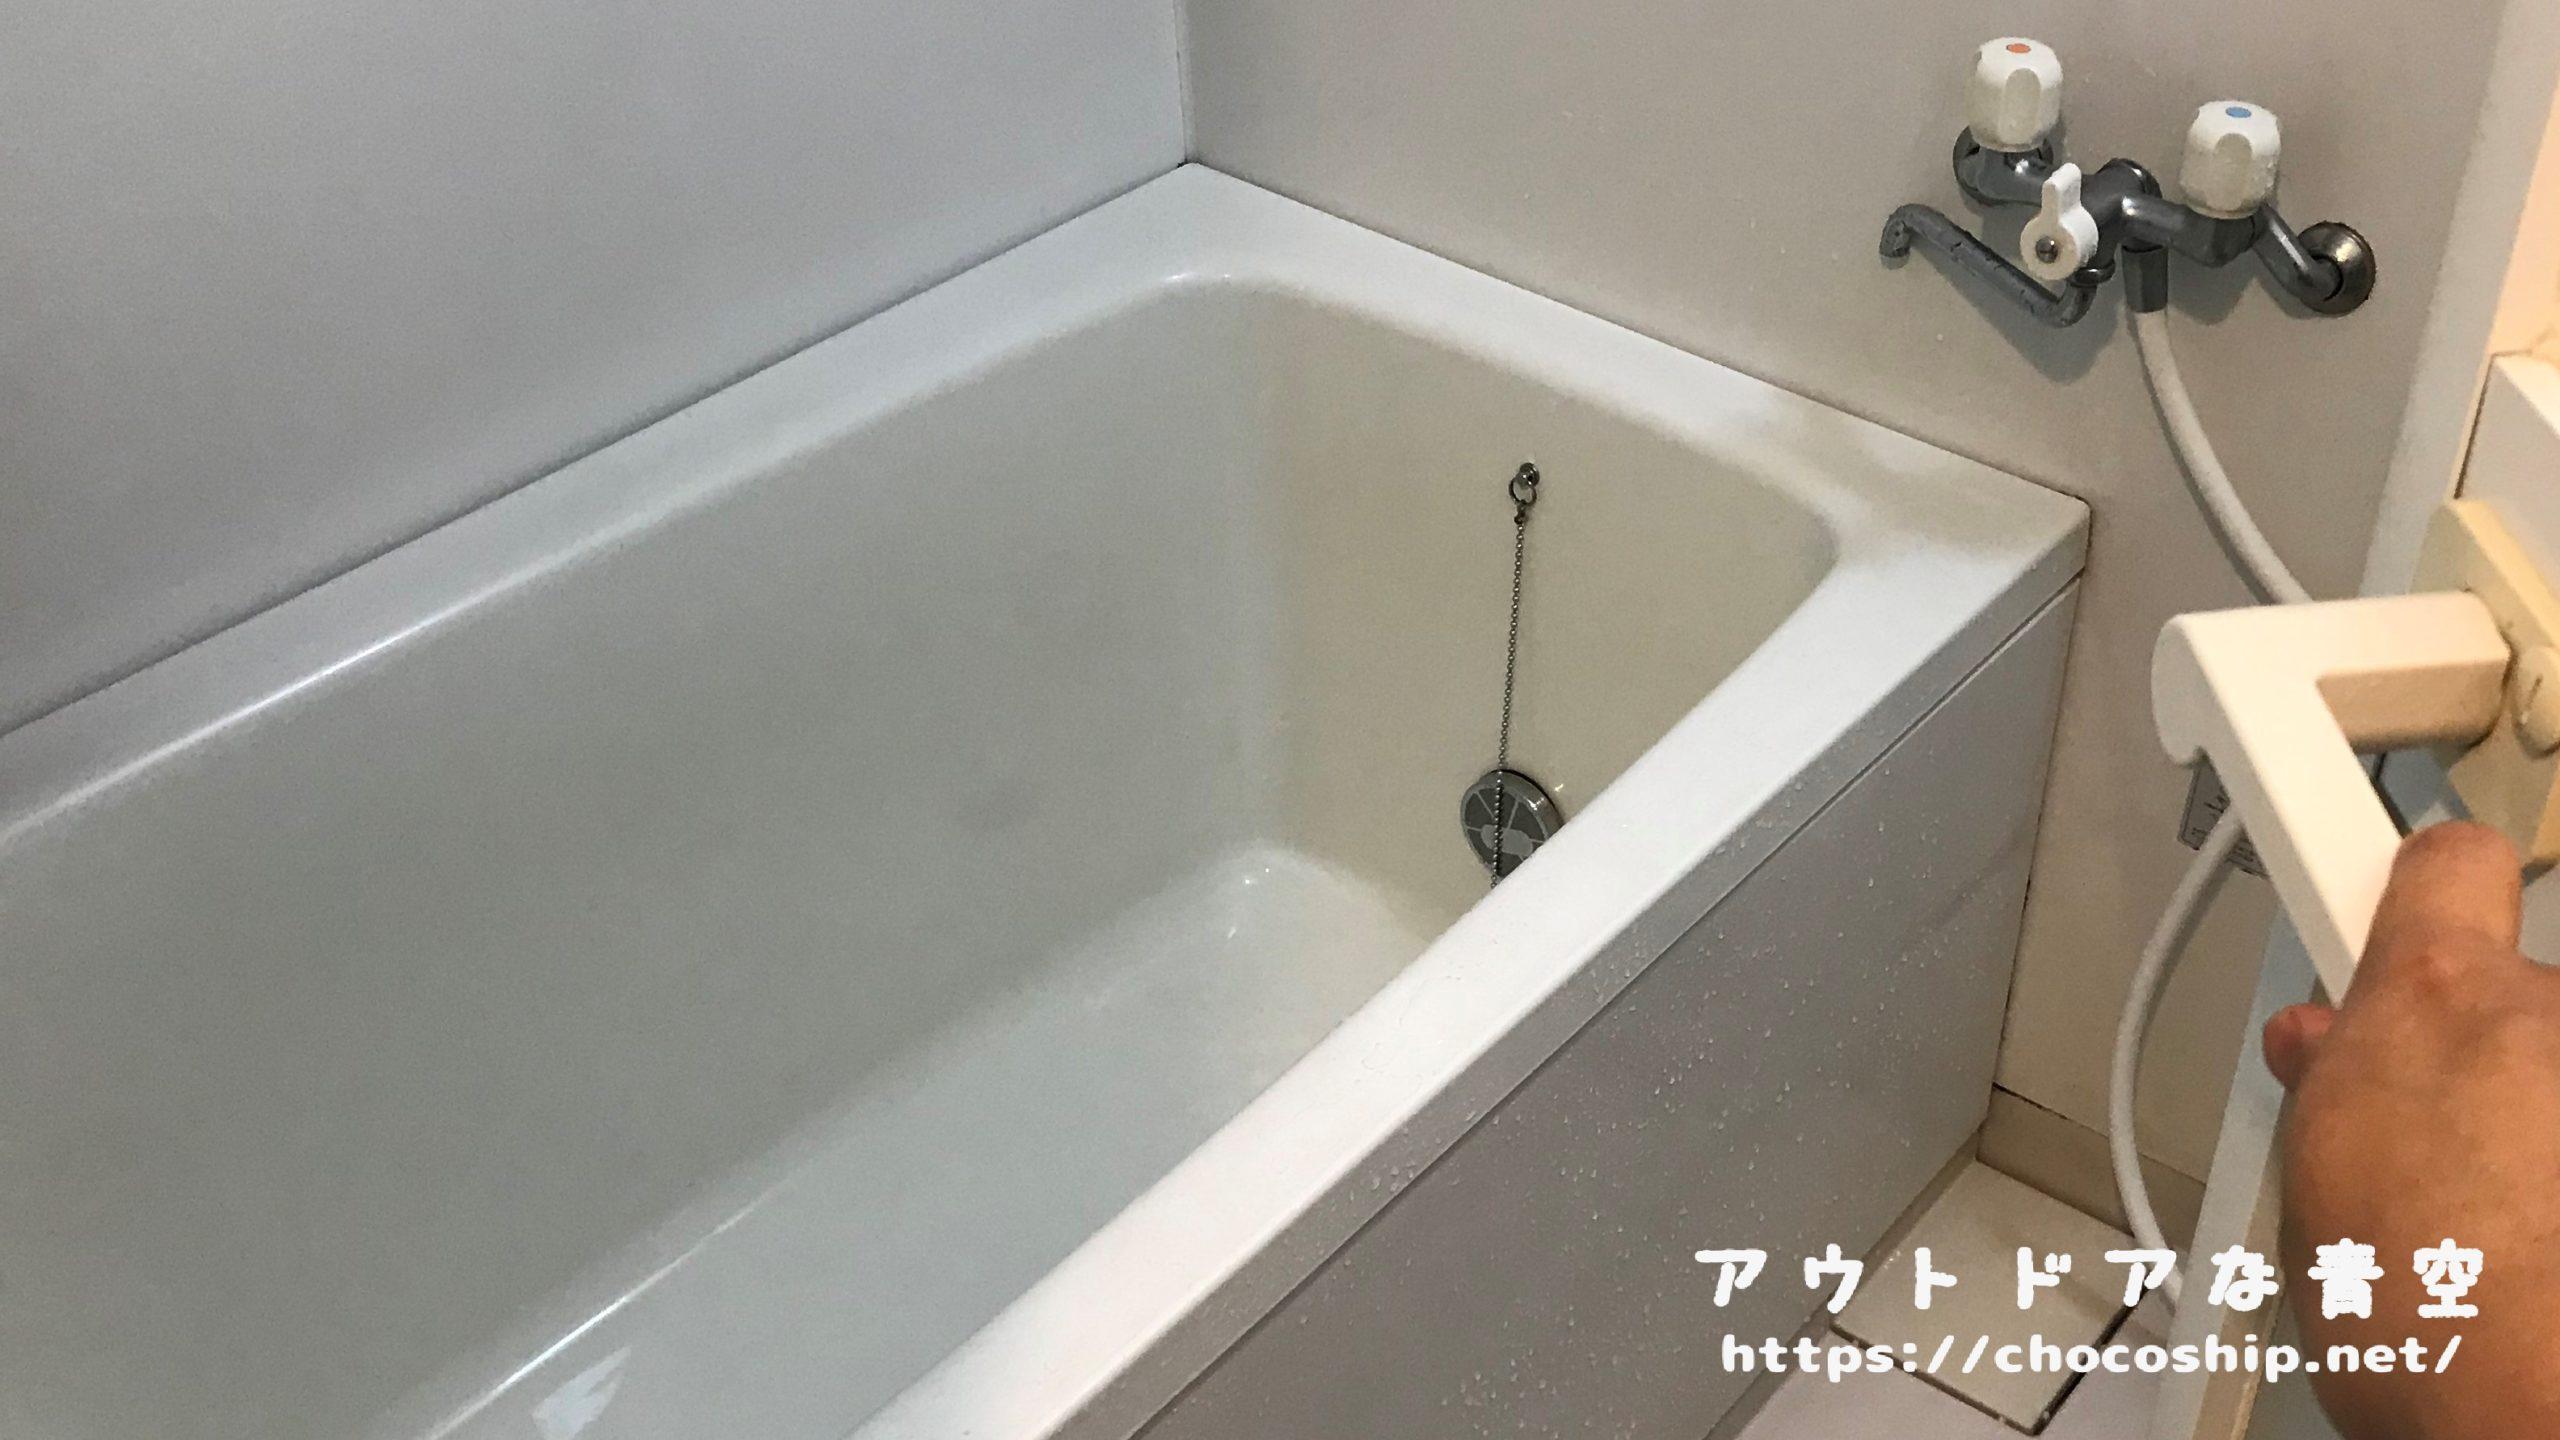 お風呂に入るのがめんどくさい!手抜きを認めたら世界が変わった件